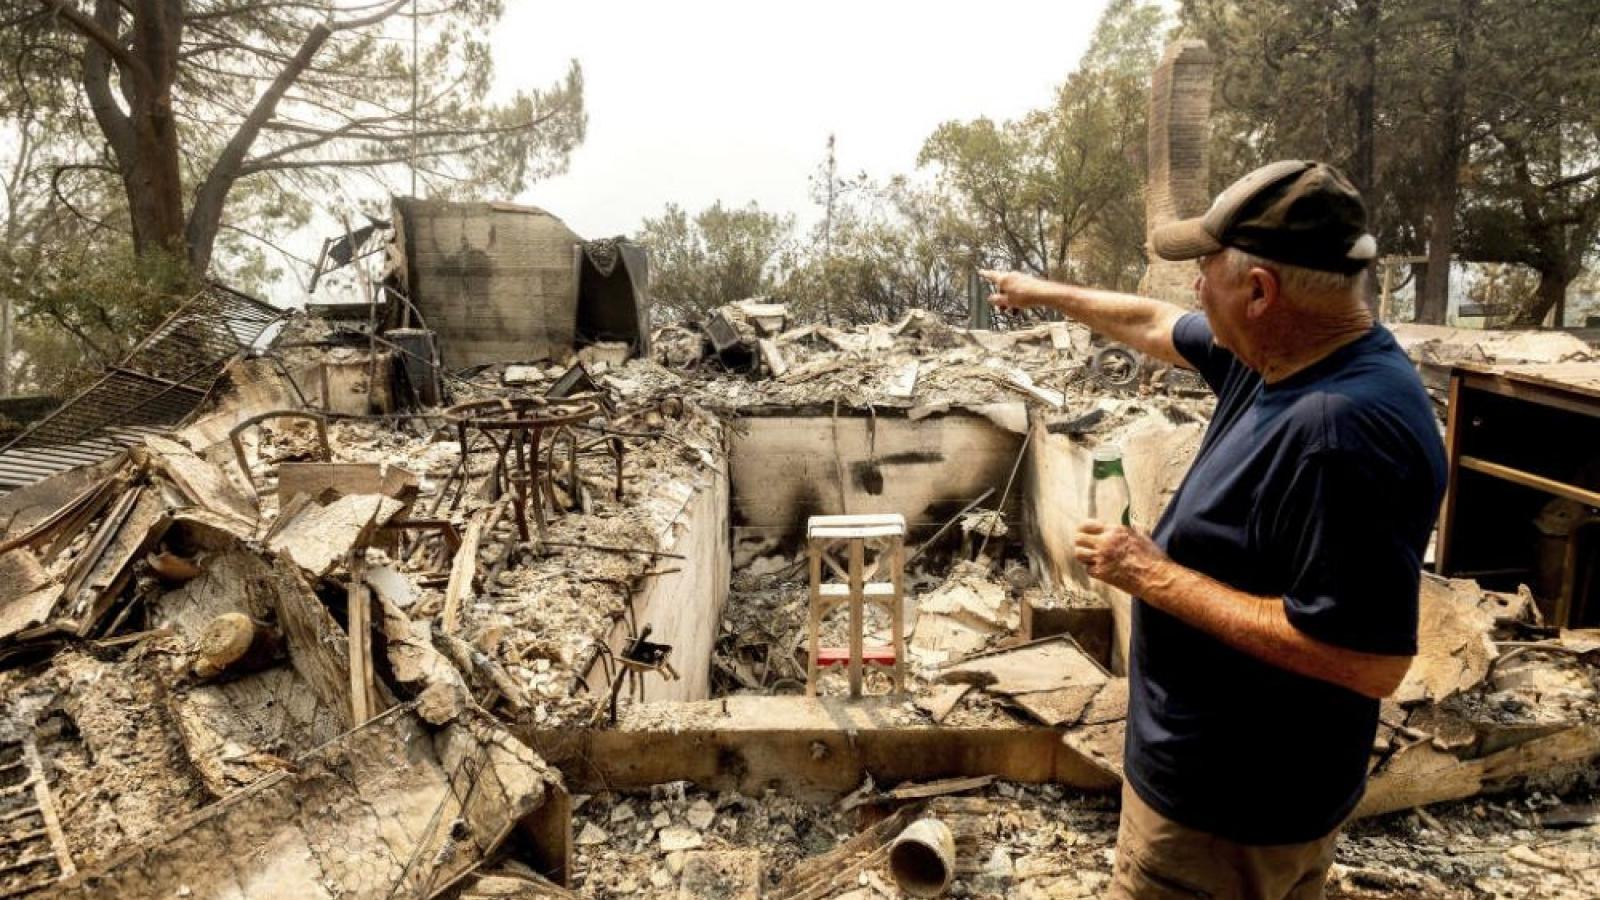 Vệ binh Quốc gia Mỹ giải cứu hơn 200 người từ đám cháy rừng ở bang California